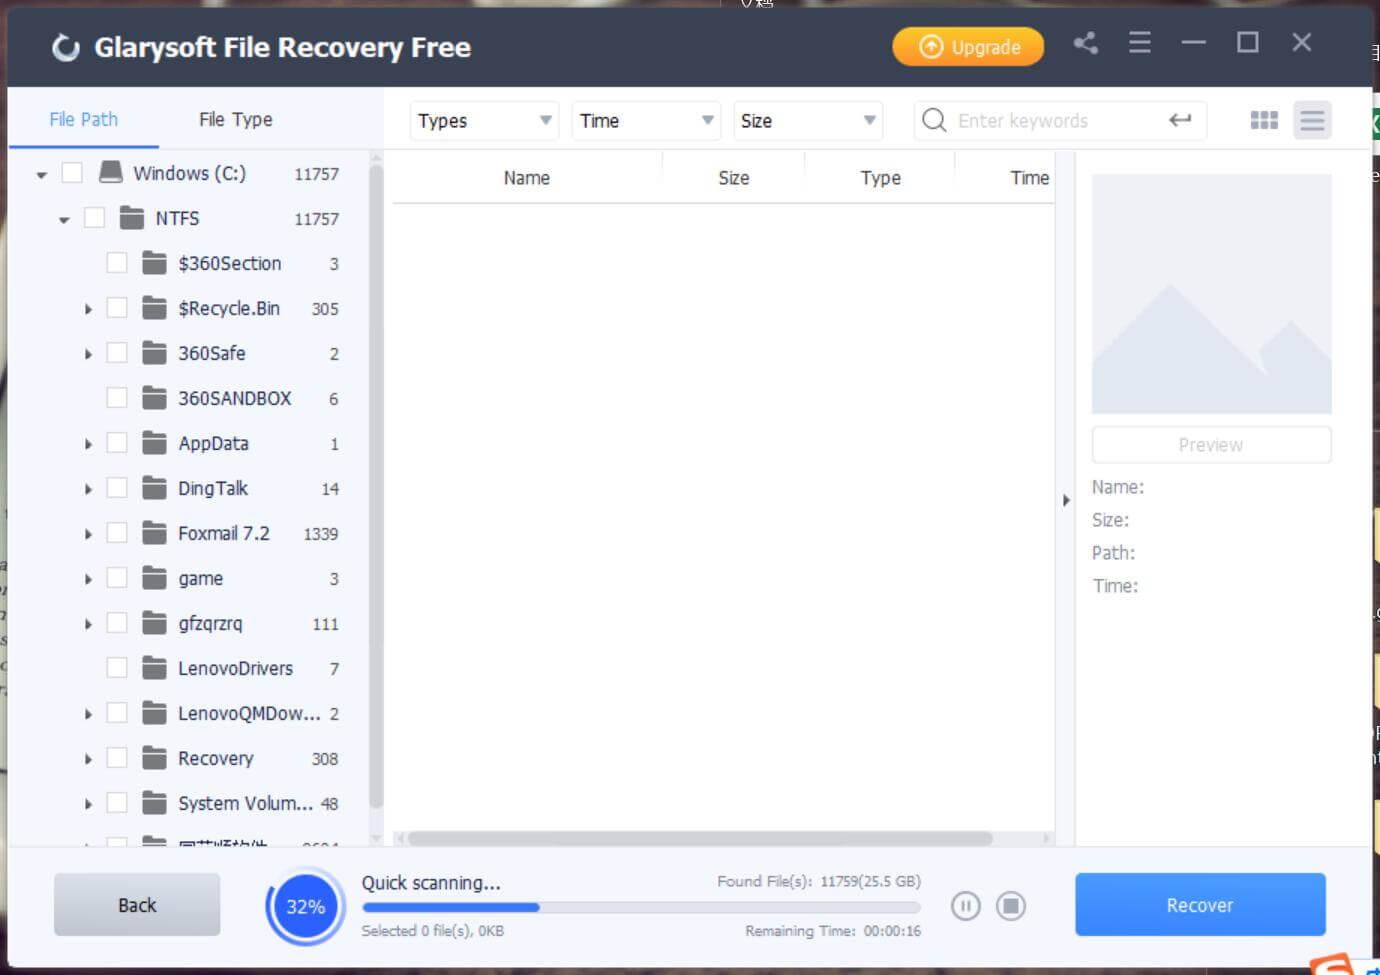 Glarysoft File Recovery Pro Screenshot